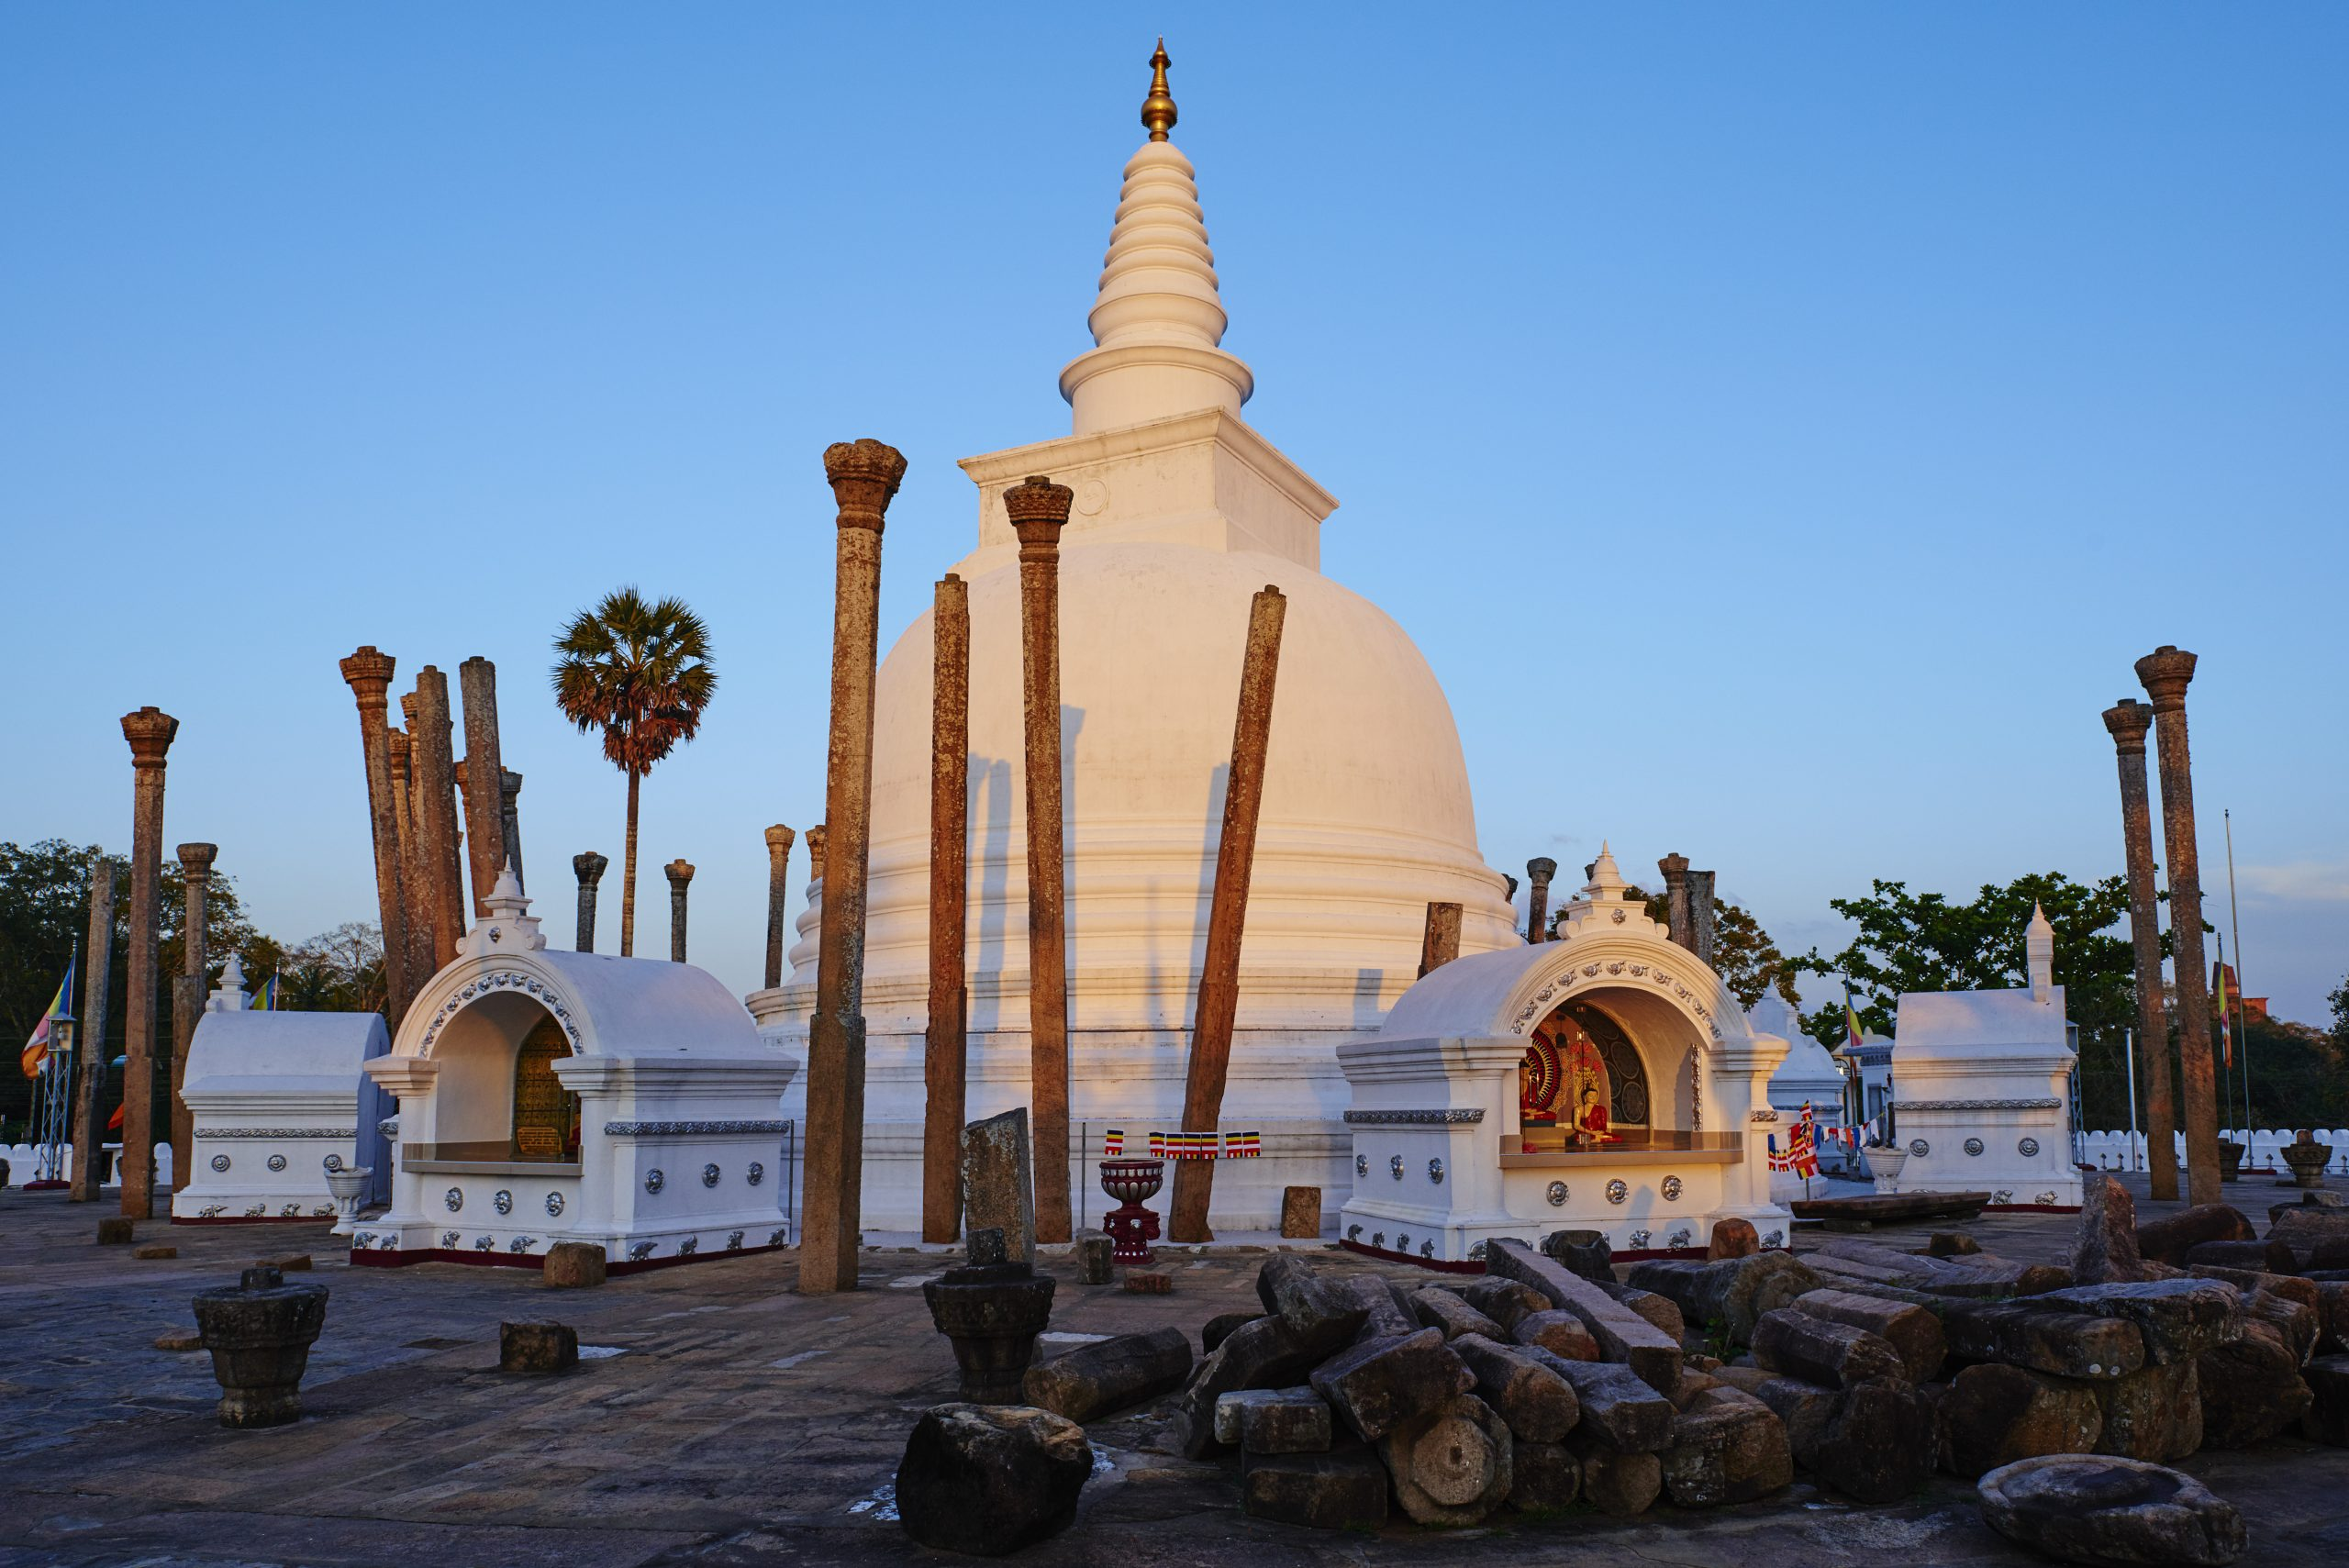 Sri Lanka, Anuradhapura, Thuparama dagoba